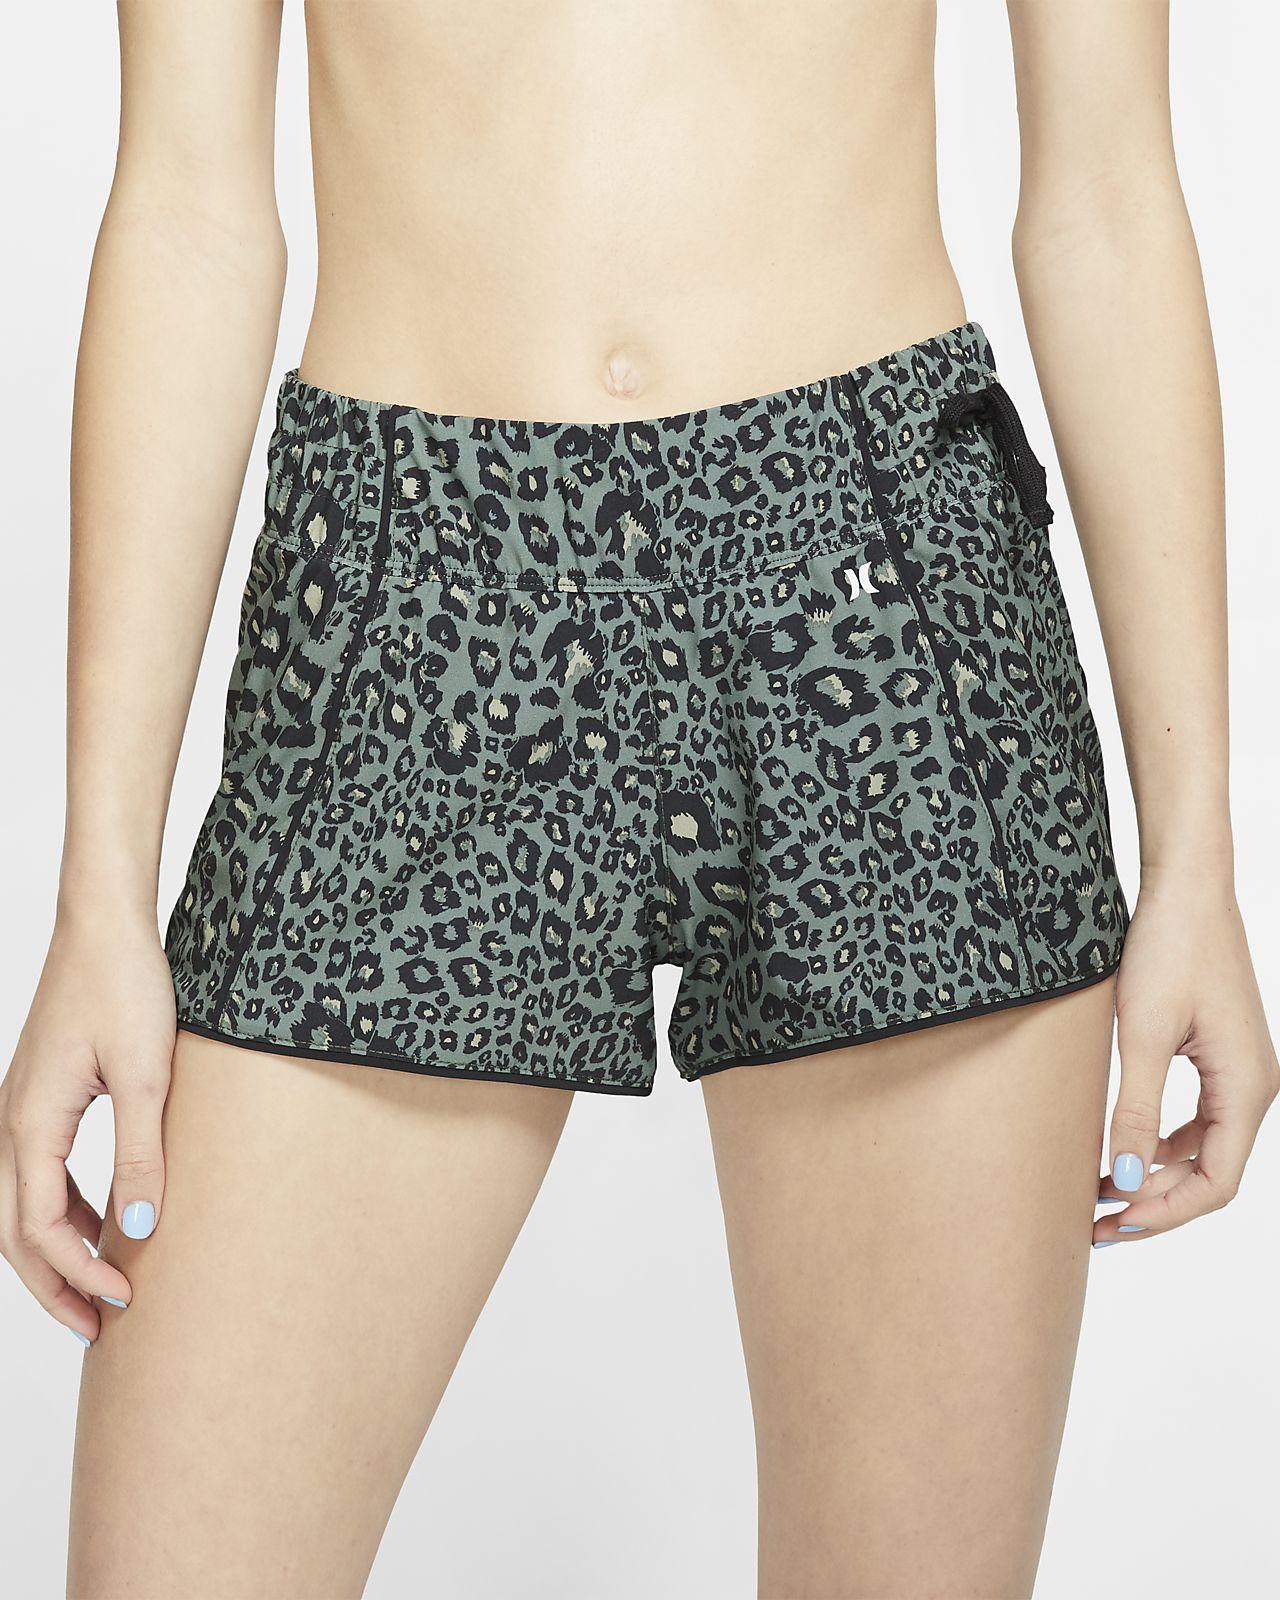 Shorts de playa con estampado de leopardo para mujer Hurley Phantom Waverider